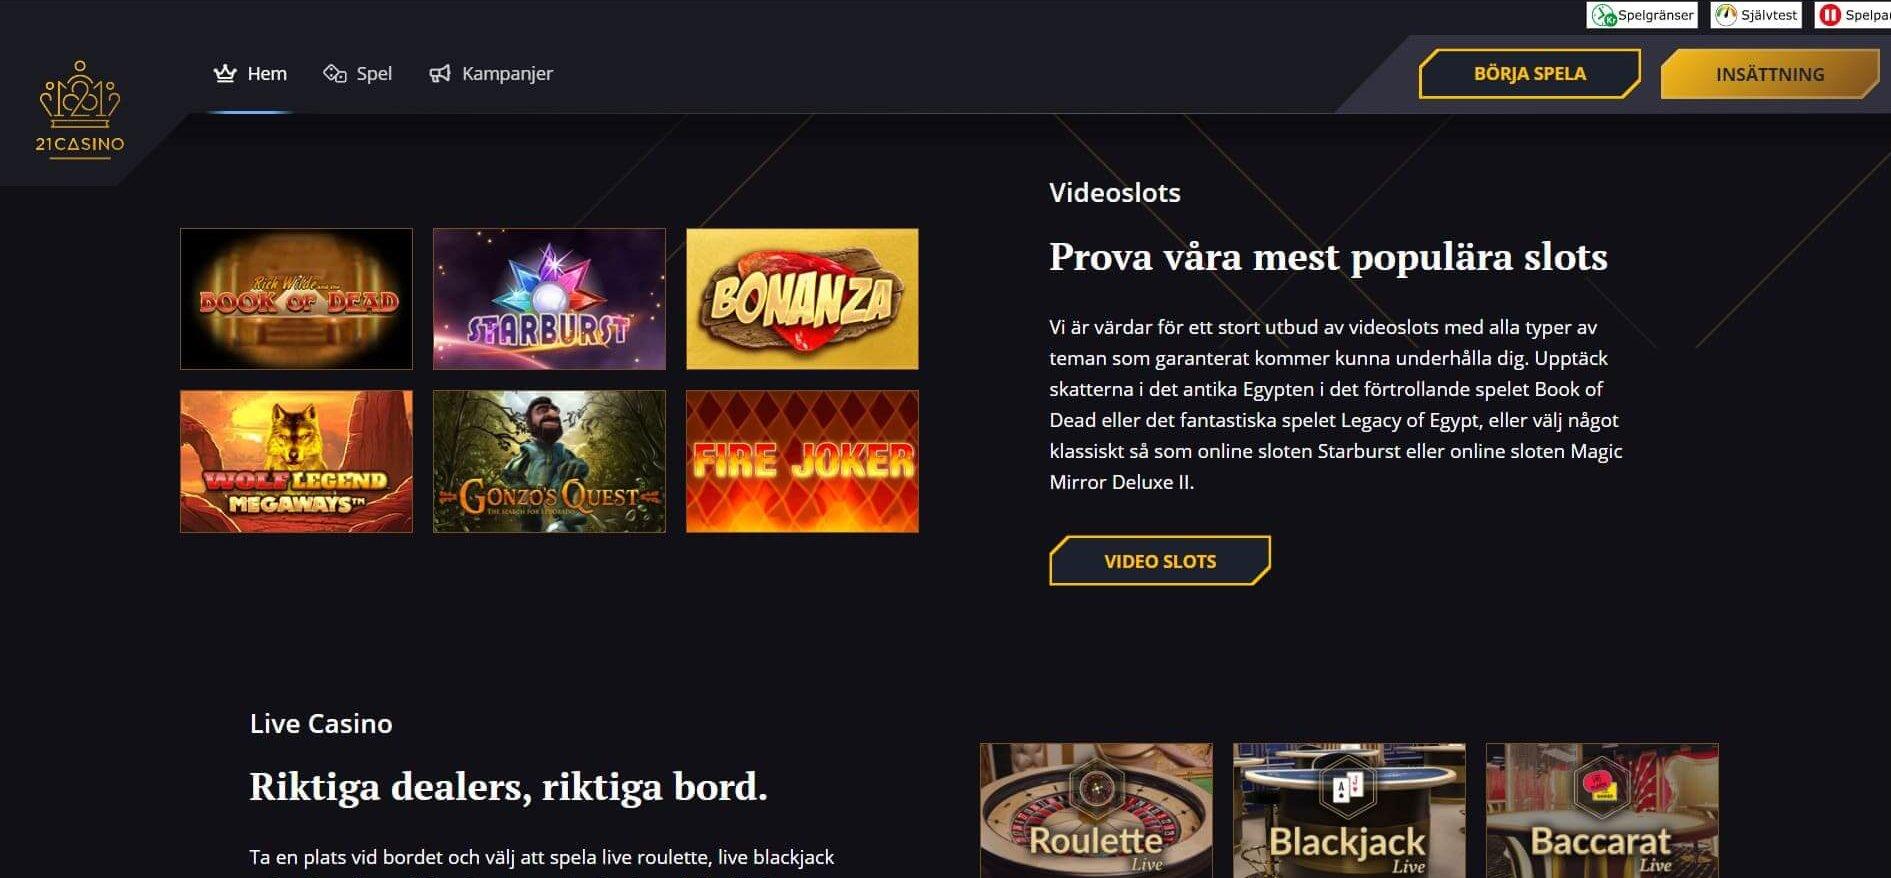 21Casino är så som ett moget online casino ska vara